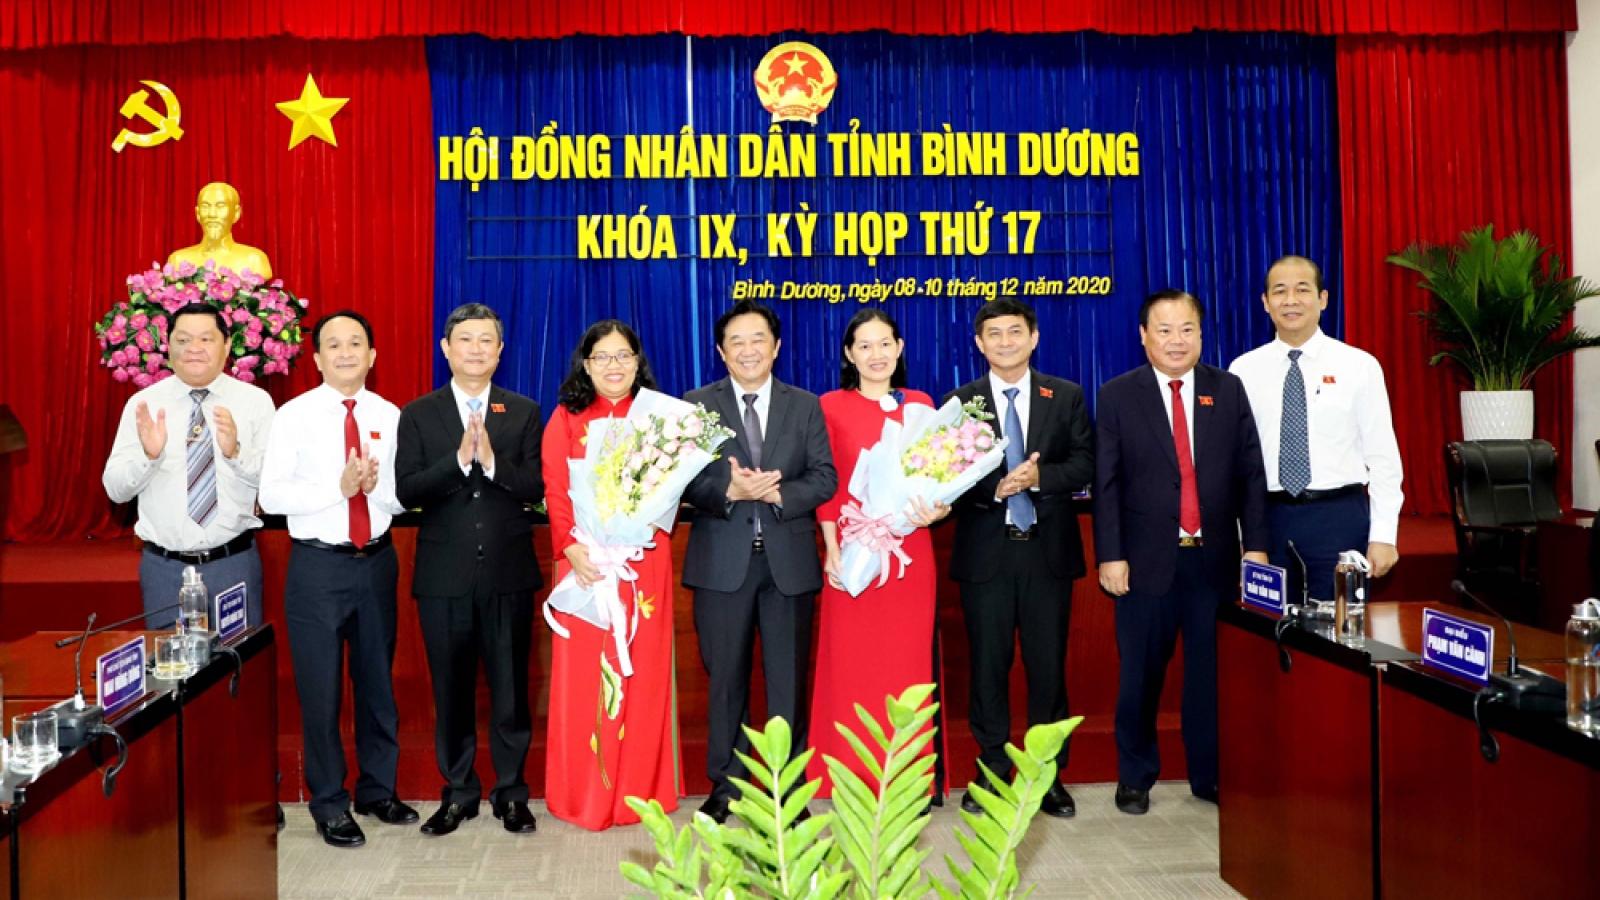 Bà Nguyễn Trường Nhật Phượng được bầu làm Phó Chủ tịch HĐND tỉnh Bình Dương